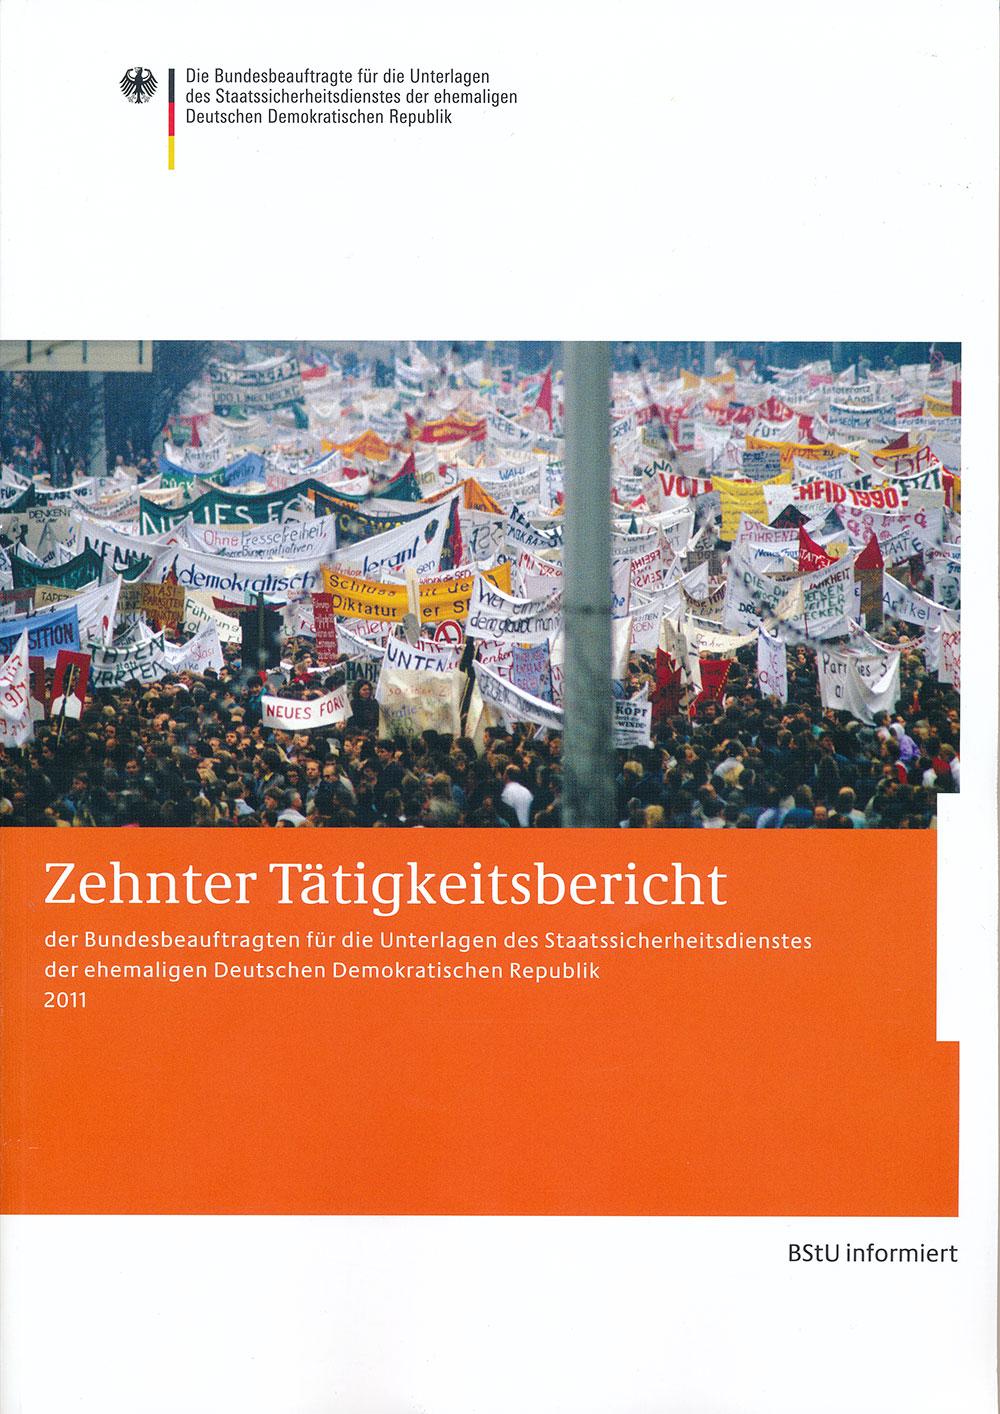 Titelblatt des zehnten Tätigkeitsberichts der BStU